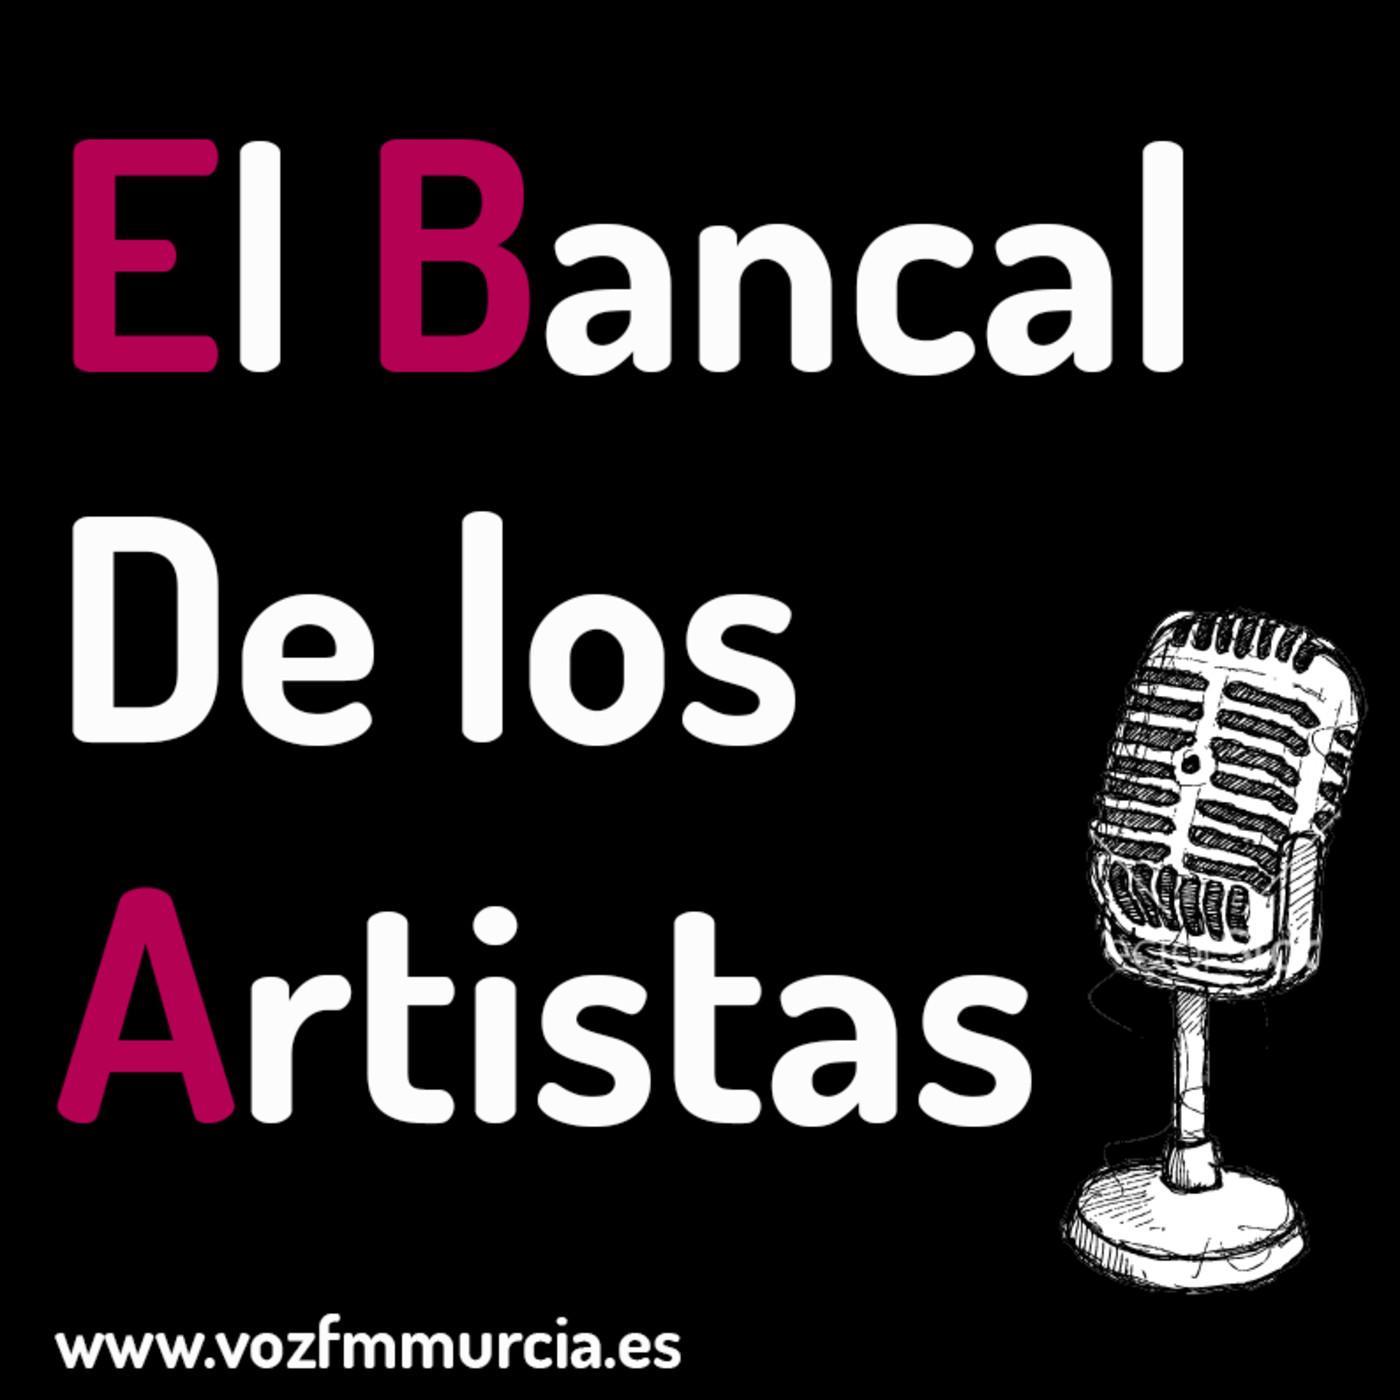 Podcast Heavy Metal - Andy Martínez - Bancal de los Artistas (15 de enero de 2020)